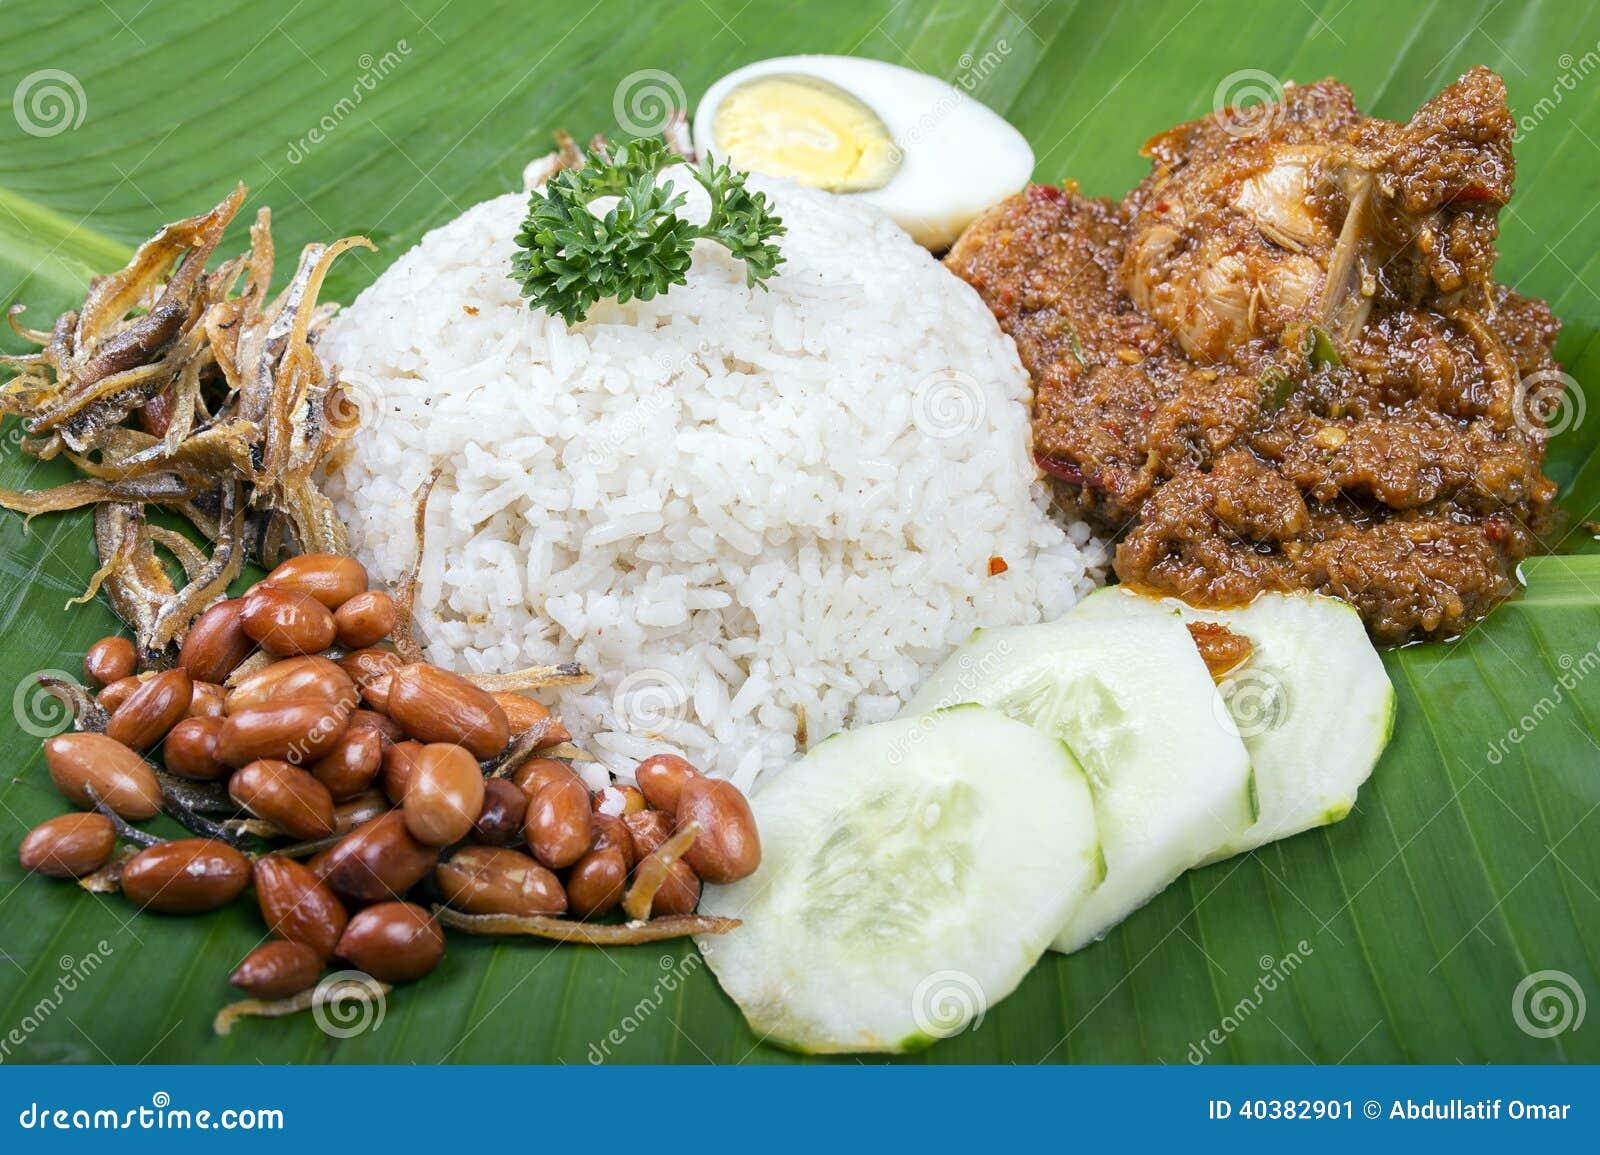 how to cook nasi lemak rice video